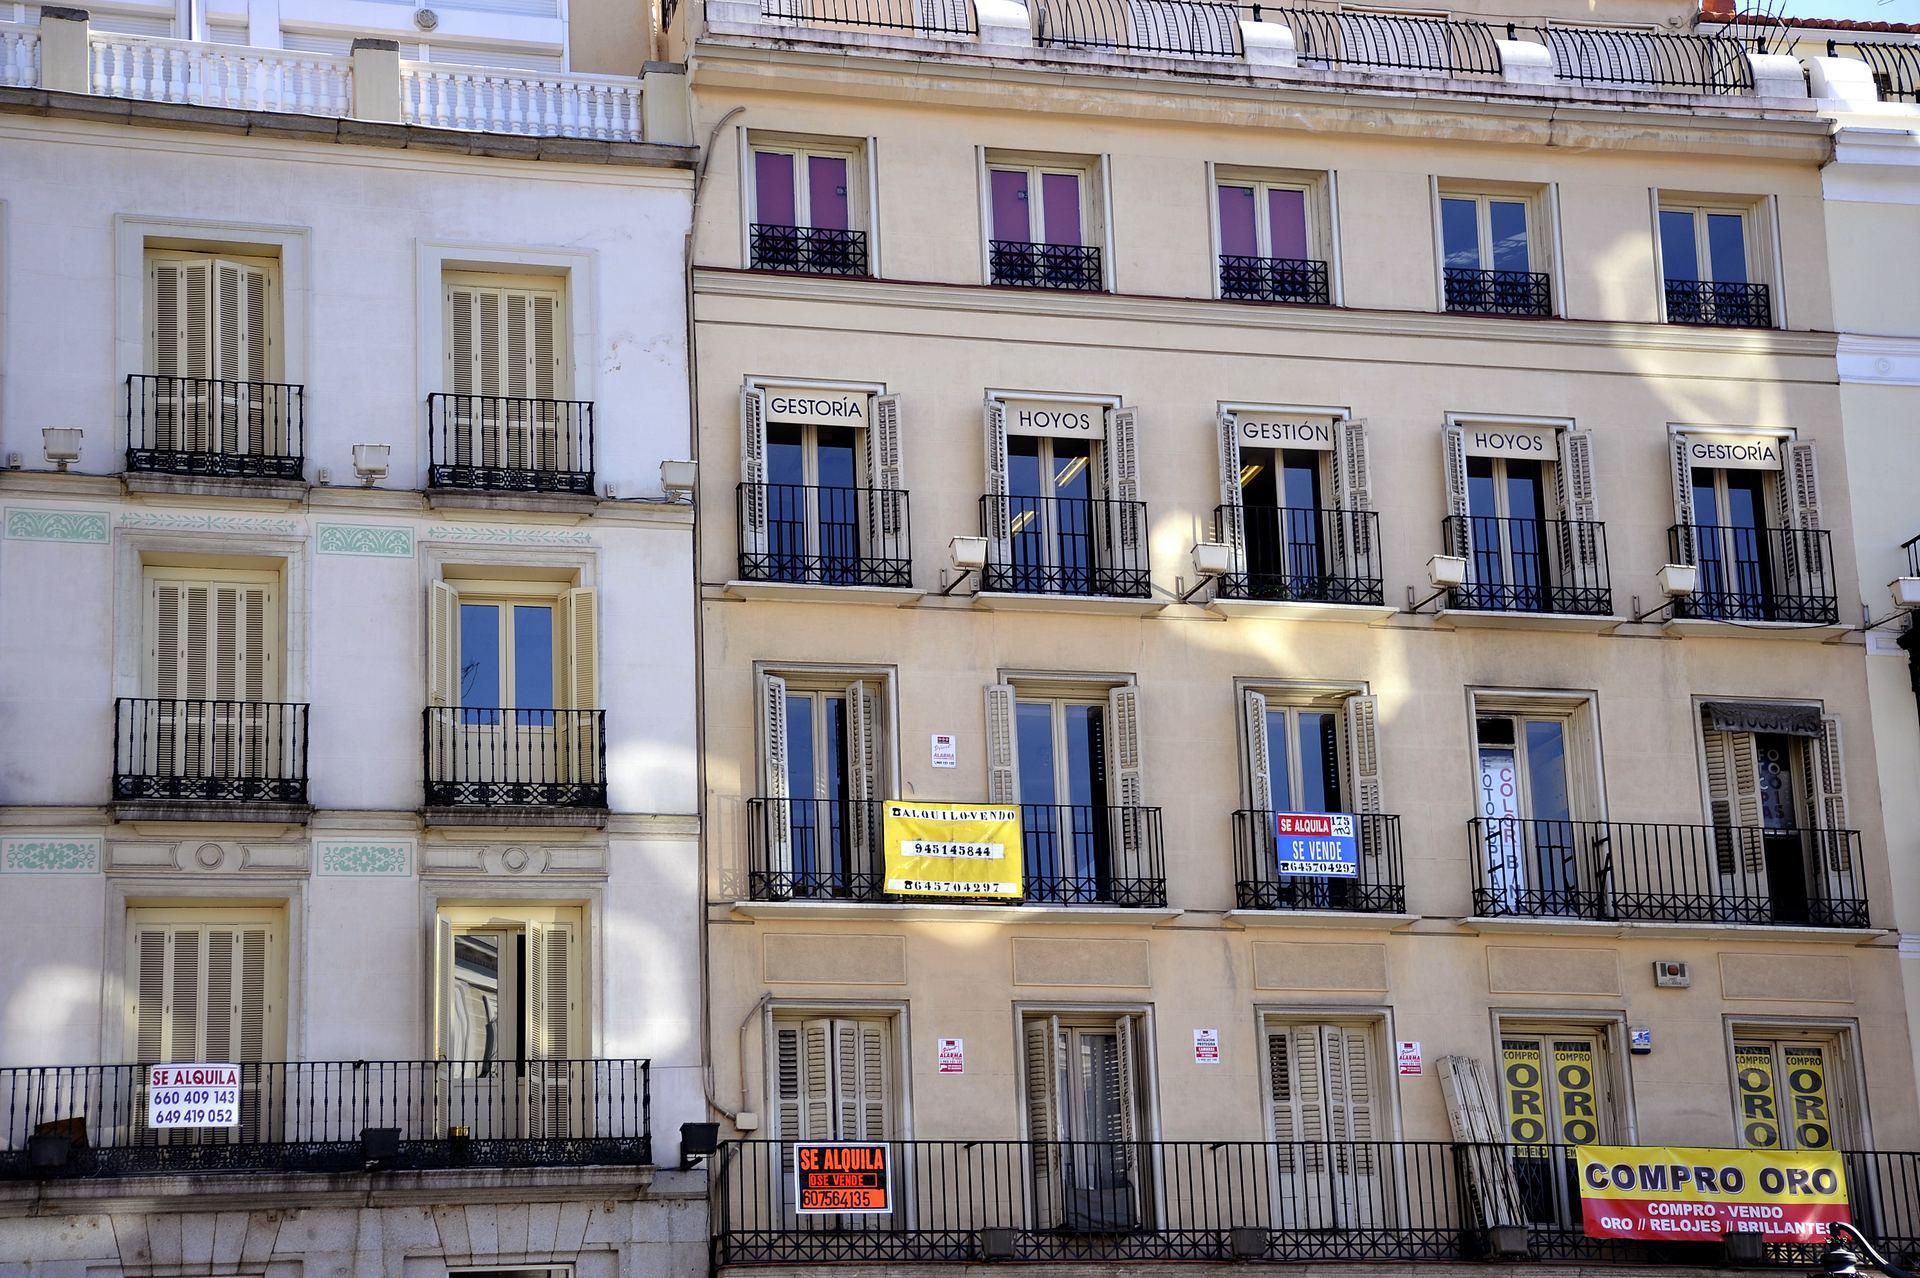 El alquiler en Madrid y Barcelona es un 82% más caro que en el resto de España. En la imagen, la fachada de un edificio de la capital en la que diferentes carteles de venta y alquiler de pisos. EFE/Archivo